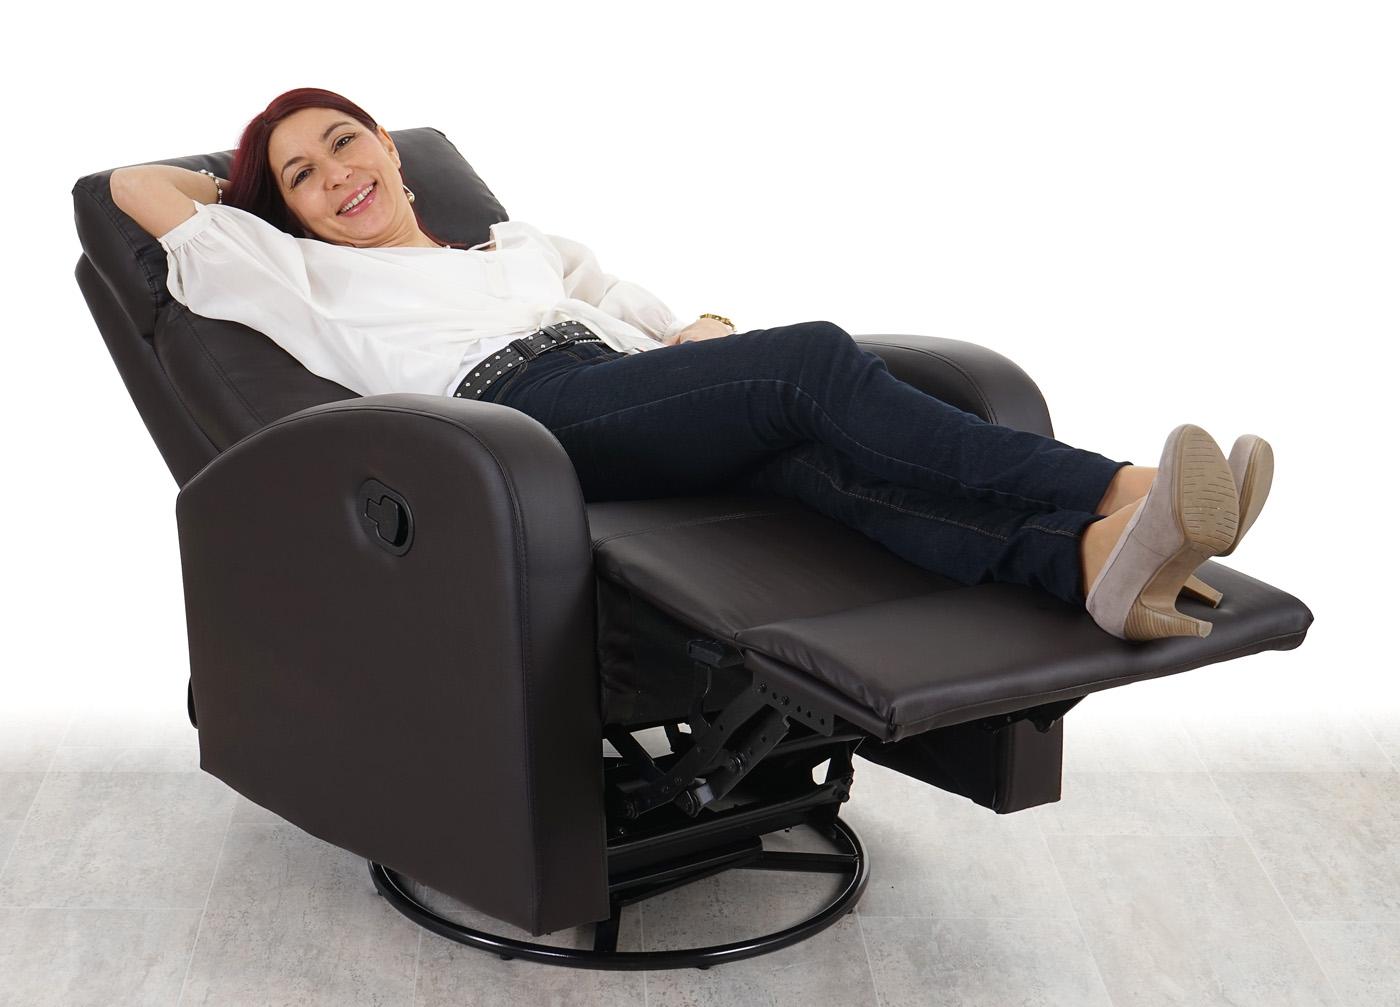 Fernsehsessel hwc a54 premium relaxsessel schaukelstuhl for Fernsehsessel drehbar